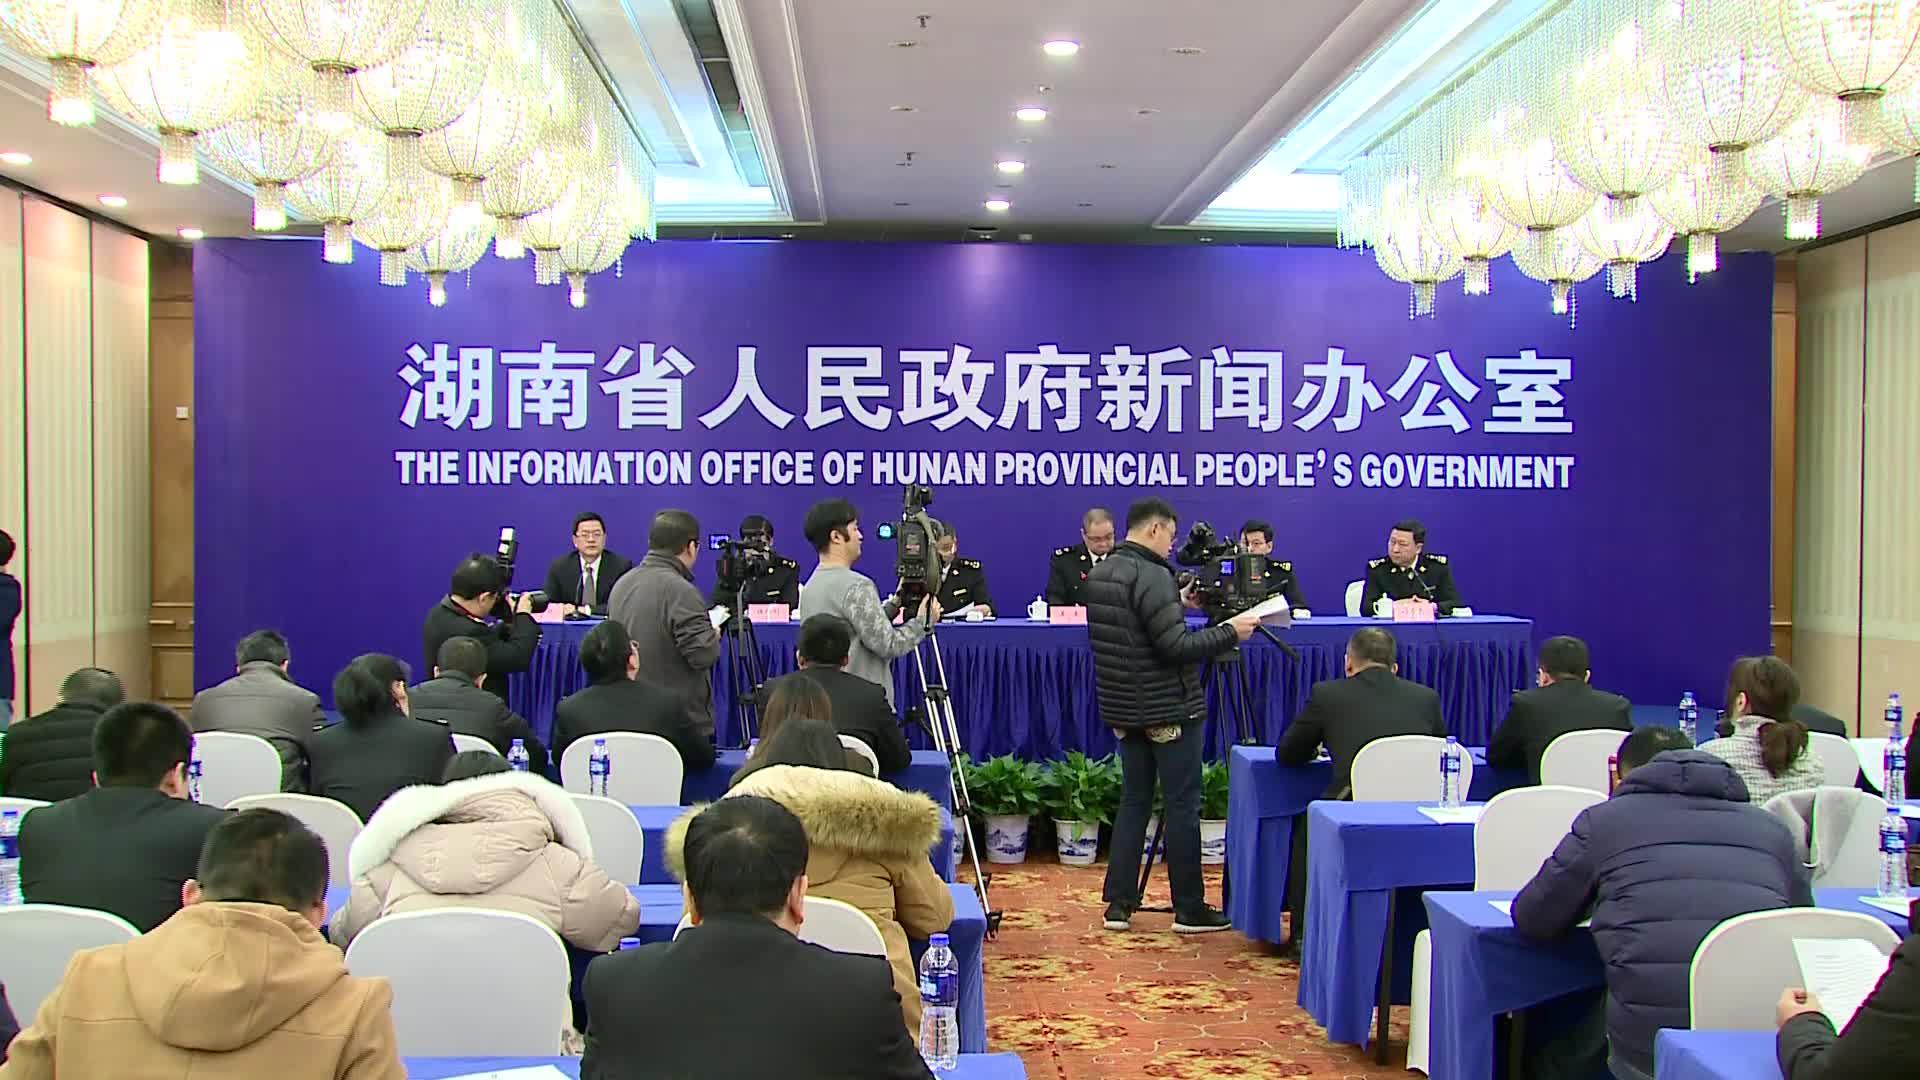 【全程回放】湖南省2017年度进岀口情况、国家关稅政策、贸易管制政策最新调整变化情况新闻发布会